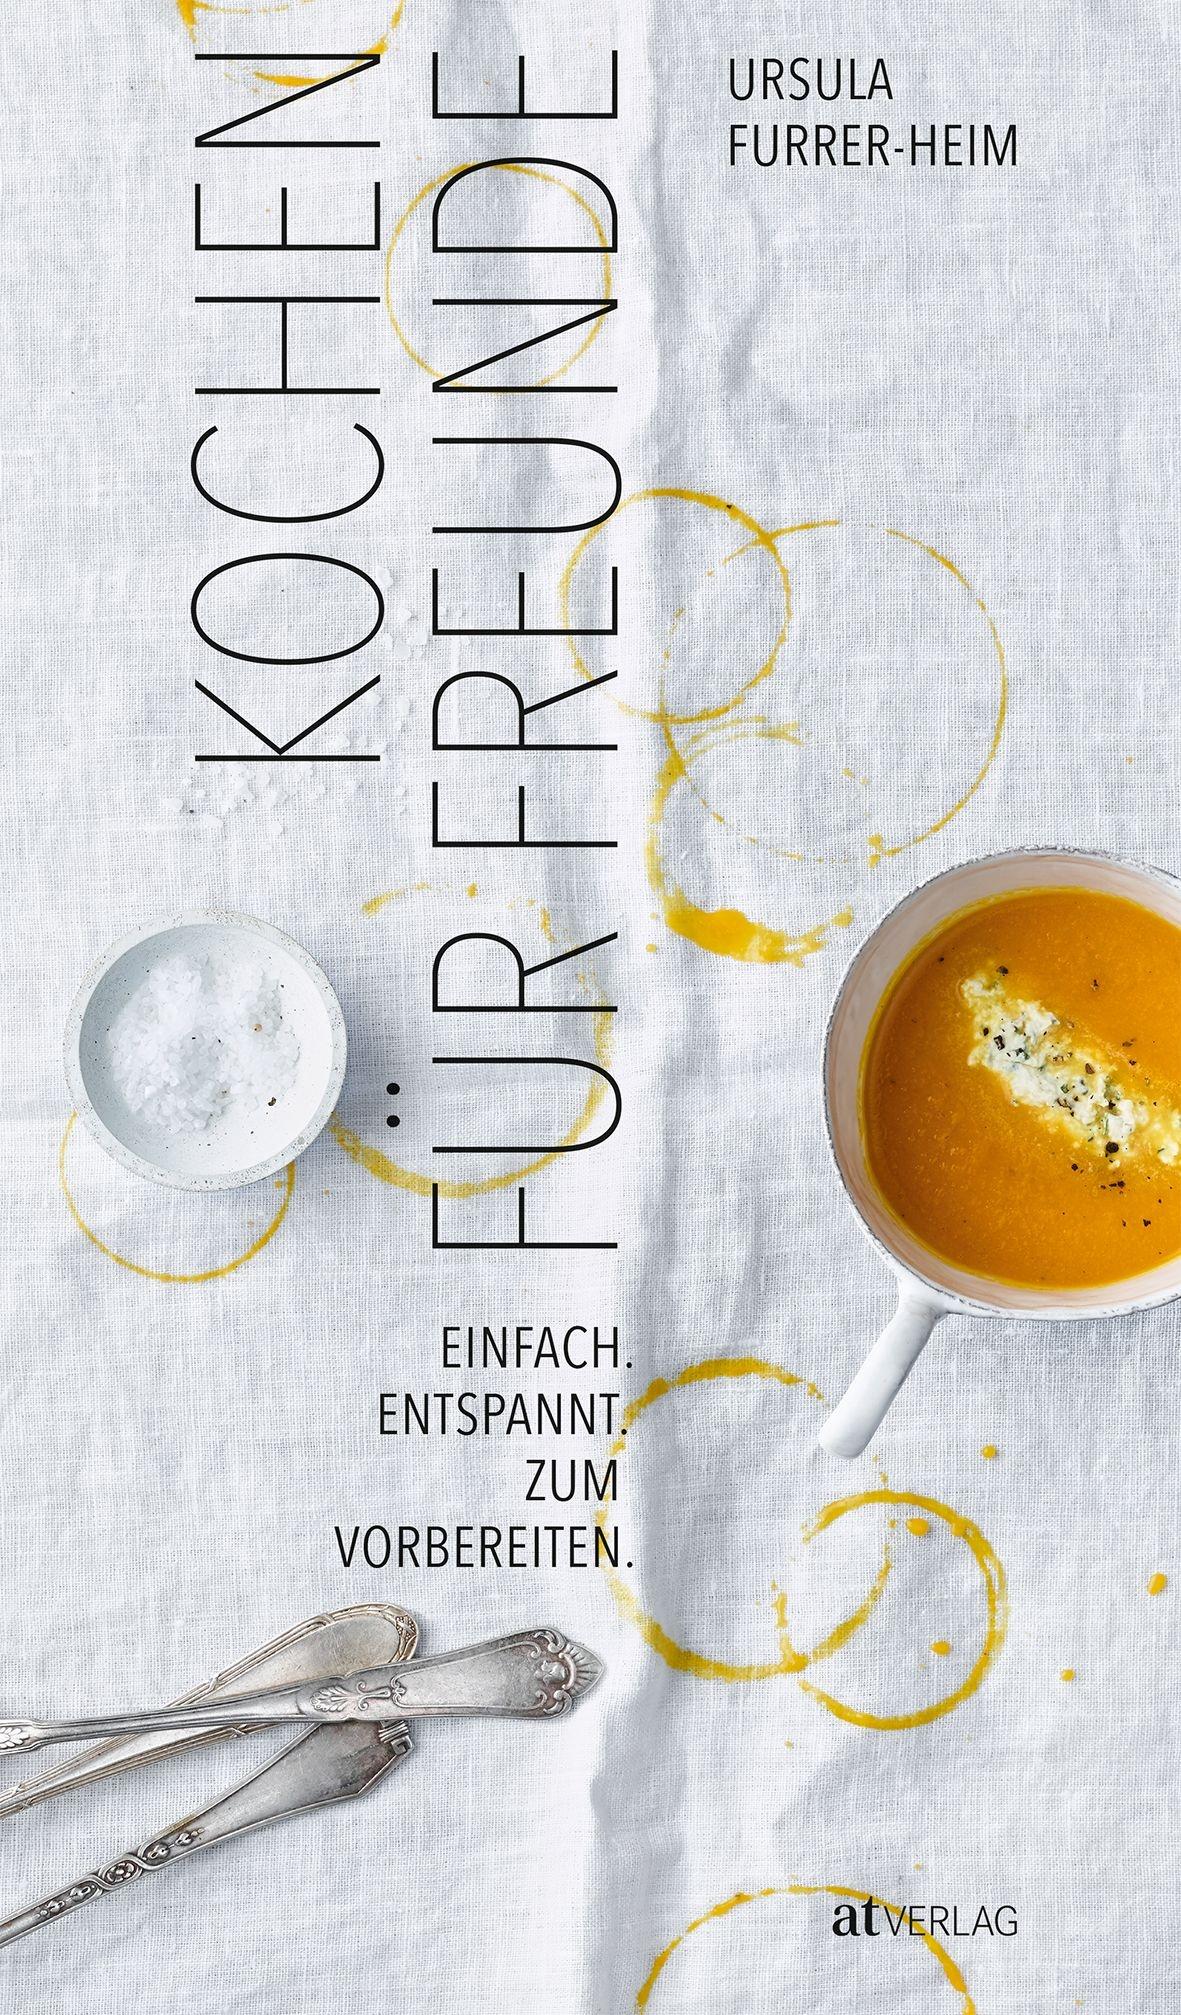 Buch Kochen Für Freunde Von Ursula Furrer Heim At Verlag